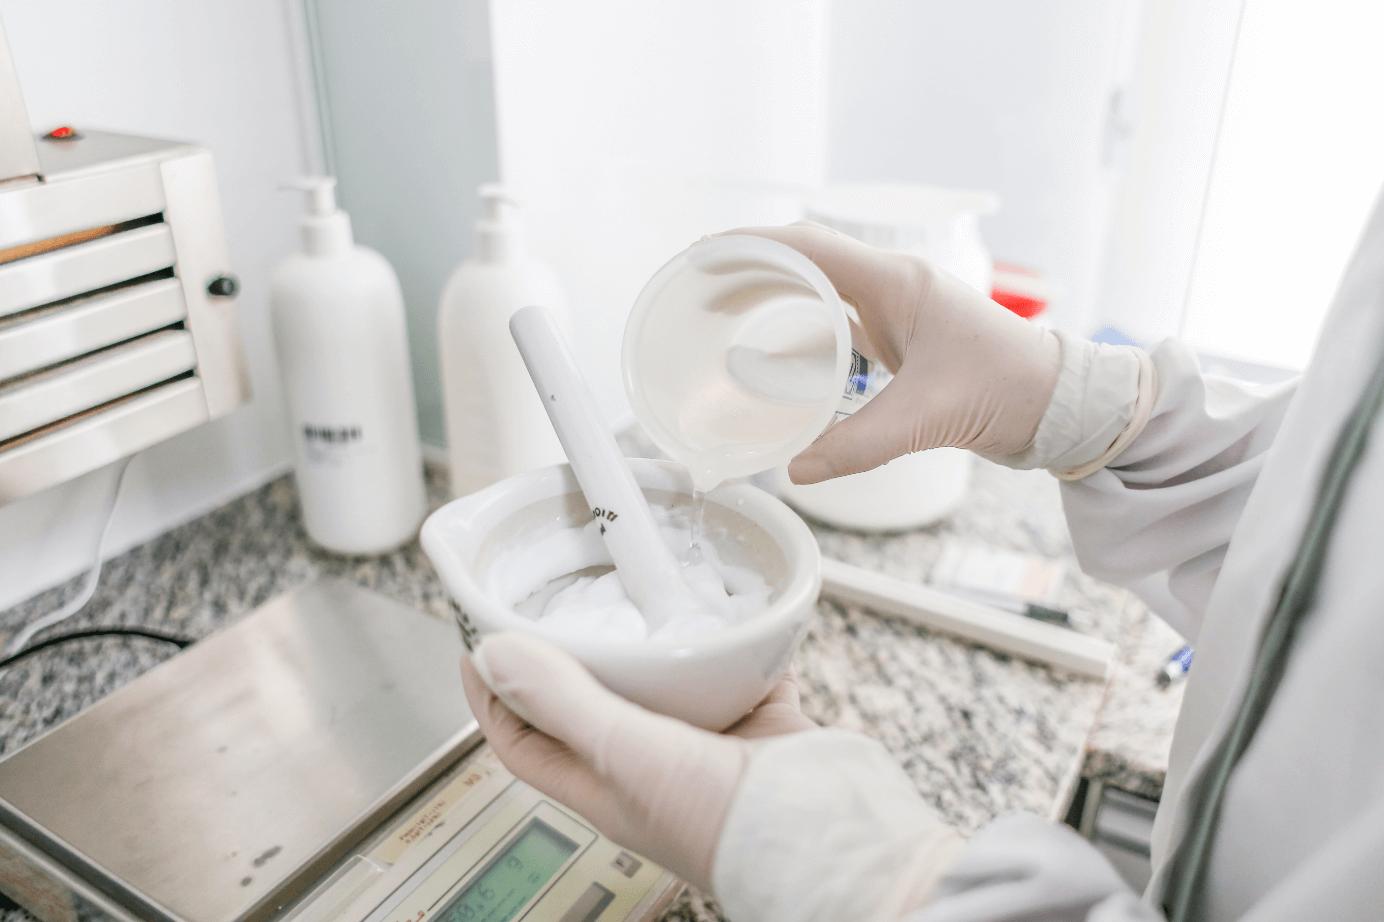 Farmácia de manipulação: Melhores Dicas para Escolher a Sua